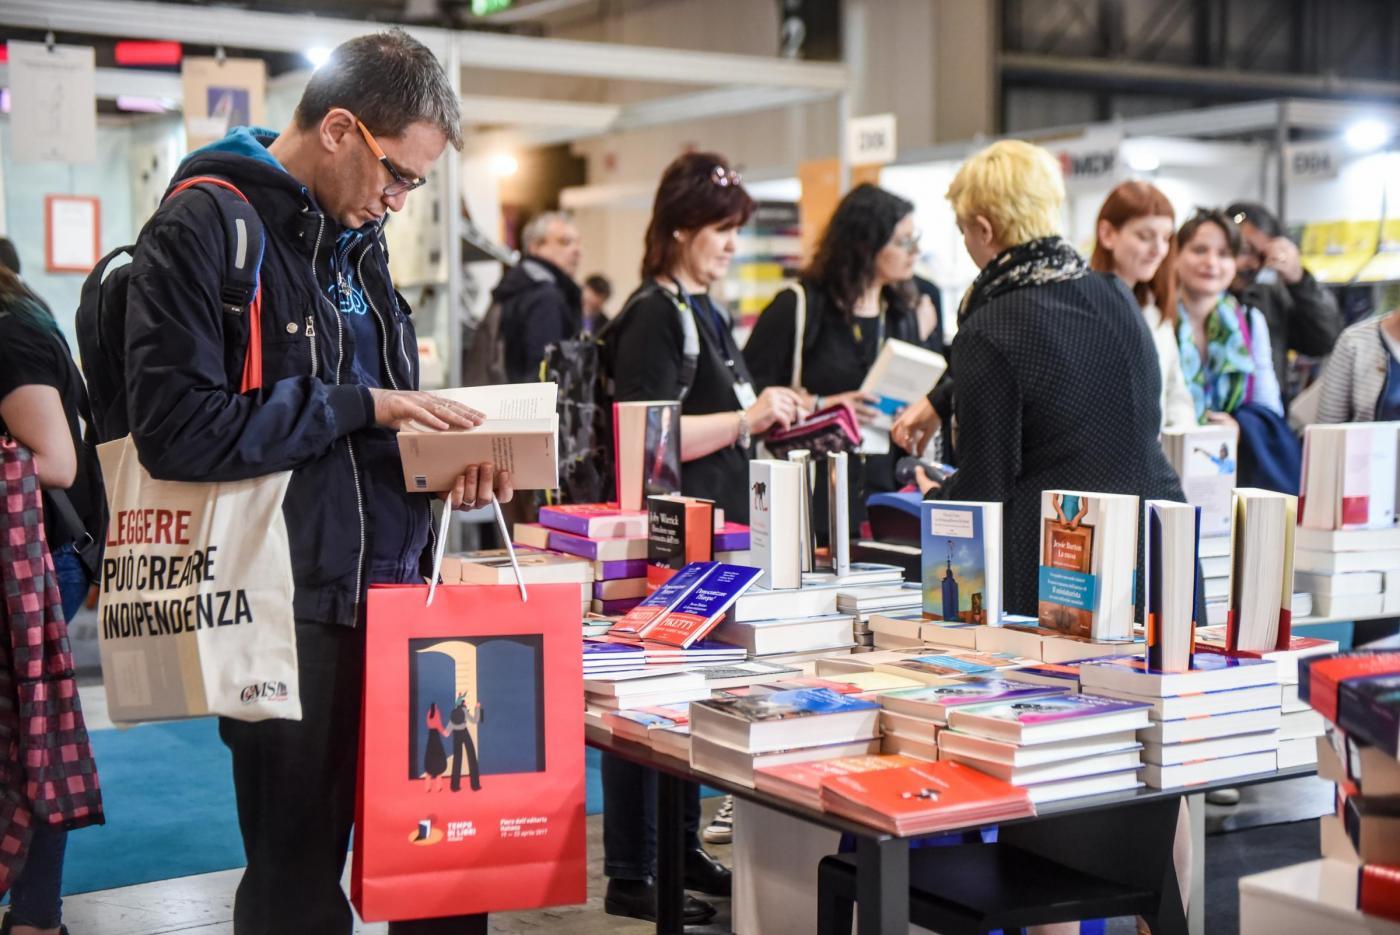 Il Maggio dei Libri 2017, al via la campagna nazionale dedicata al libro e alla lettura